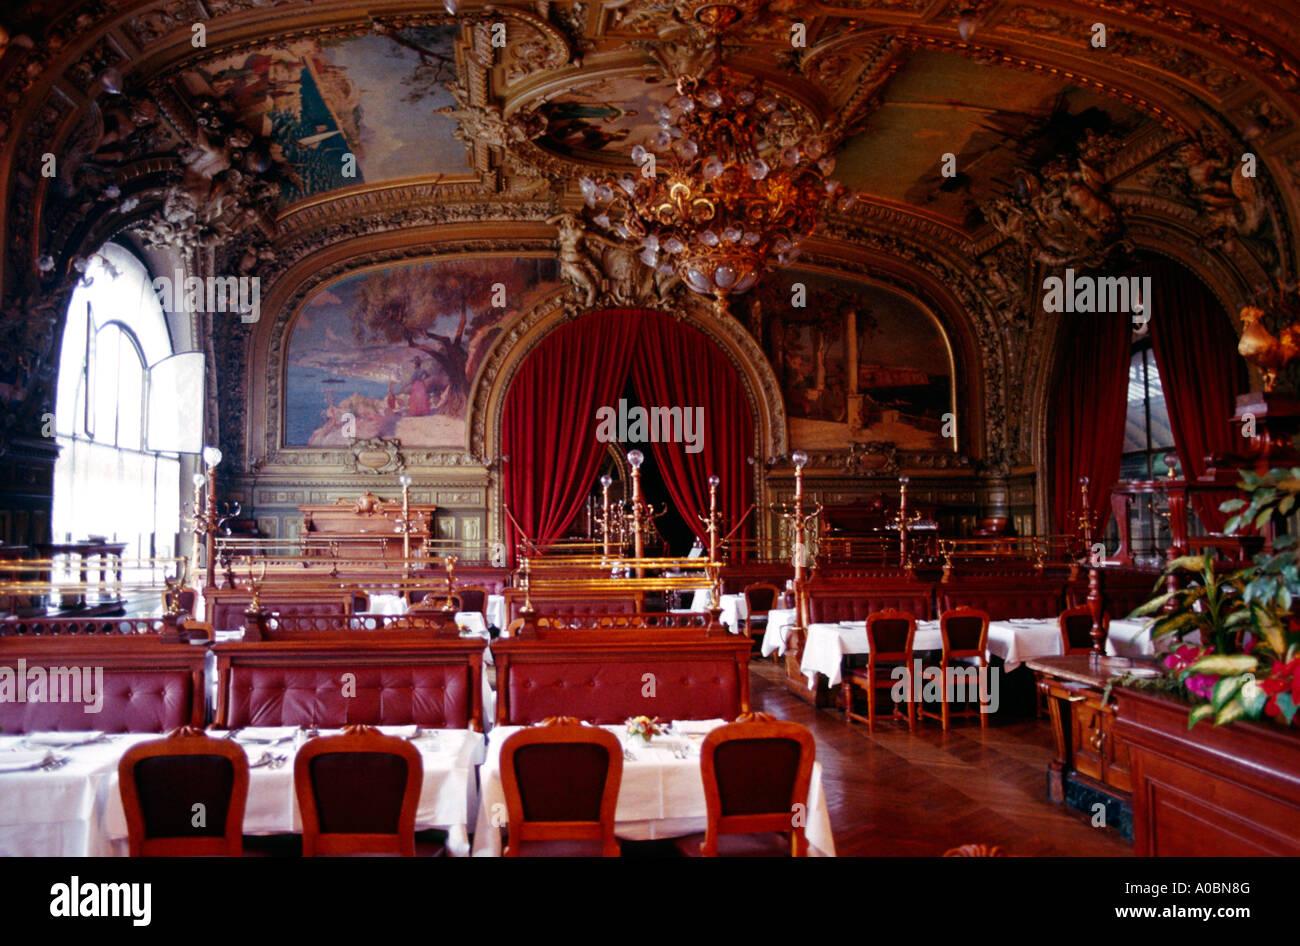 Restaurant le train bleu interieur paris stock photo royalty free image 994 - Restaurant le paris lutetia ...